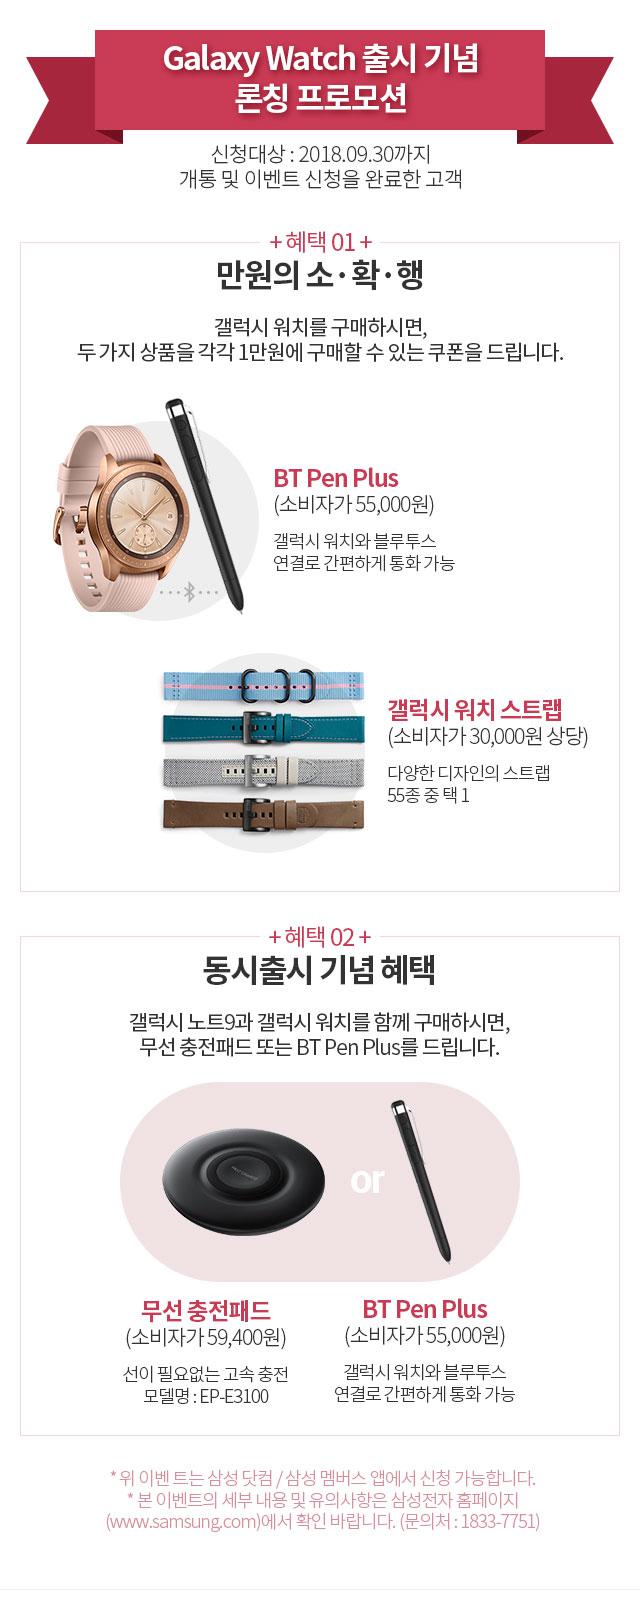 Galaxy Watch 출시 기념 론칭 프로모션. 신청대상:2018.09.30까지 개통 및 이벤트 신청을 완료한 고객